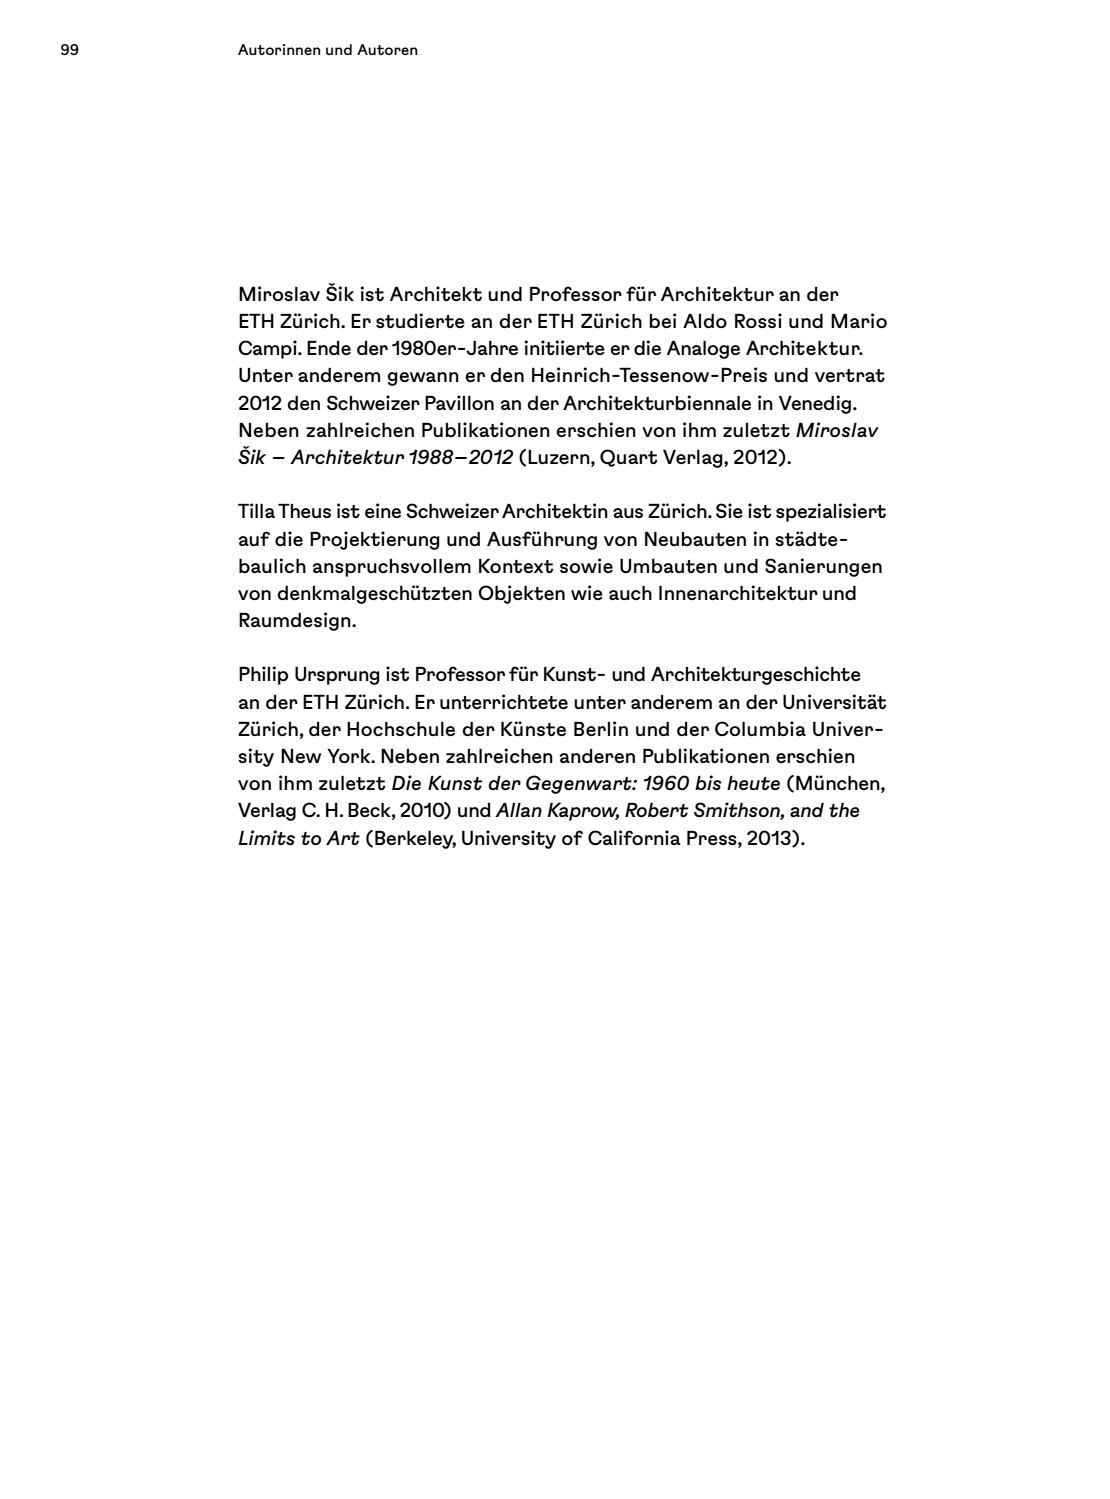 Innenarchitektur Eth Zürich l donati hrsg otto streichers spuren by nzz libro issuu